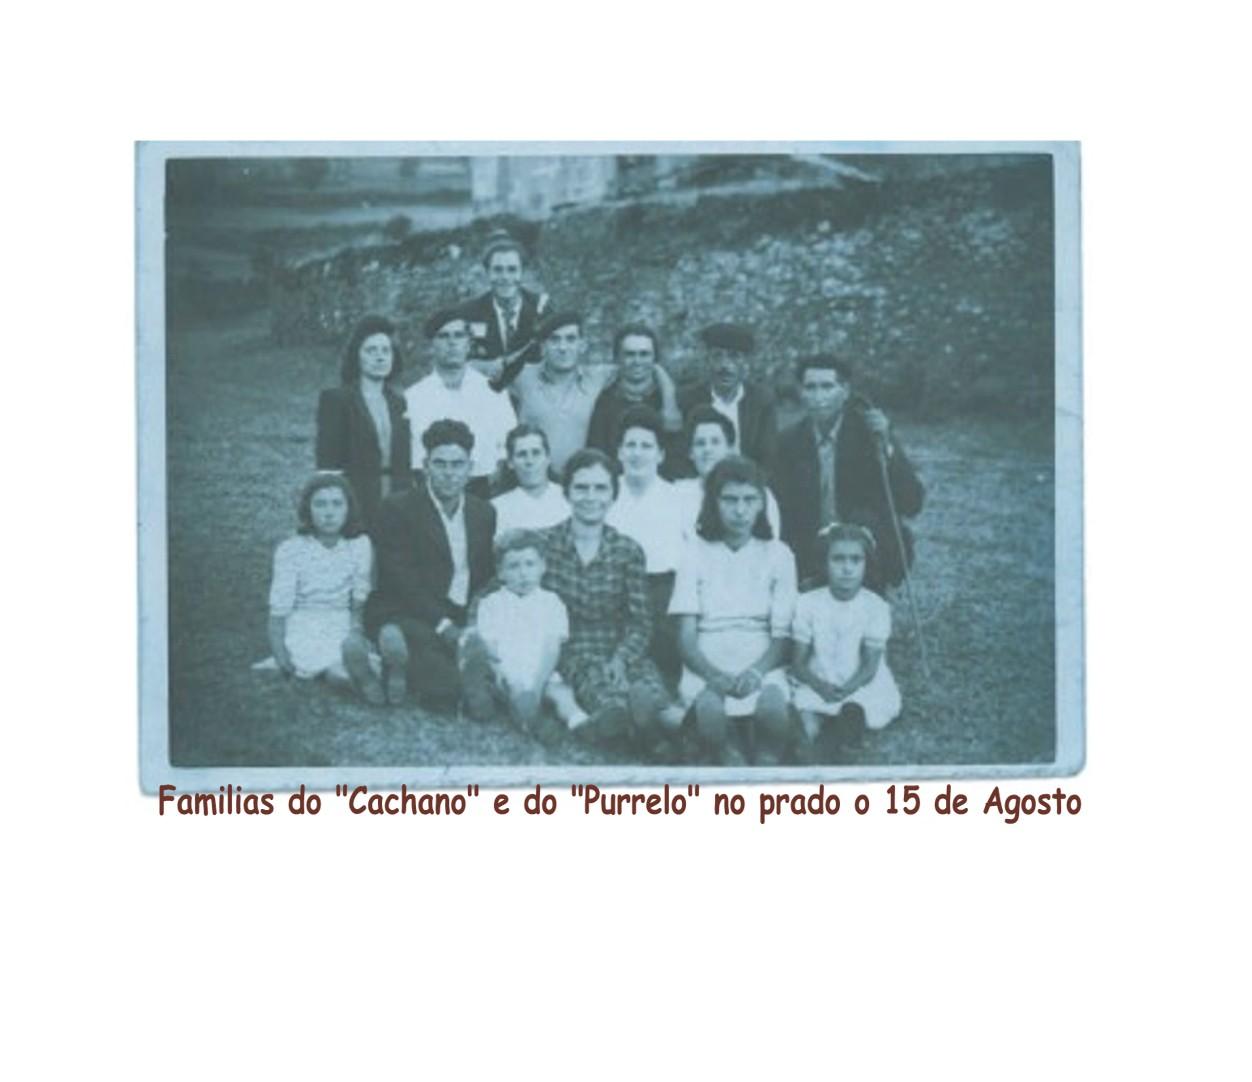 [familias+cachano+e+purrelo.jpg]